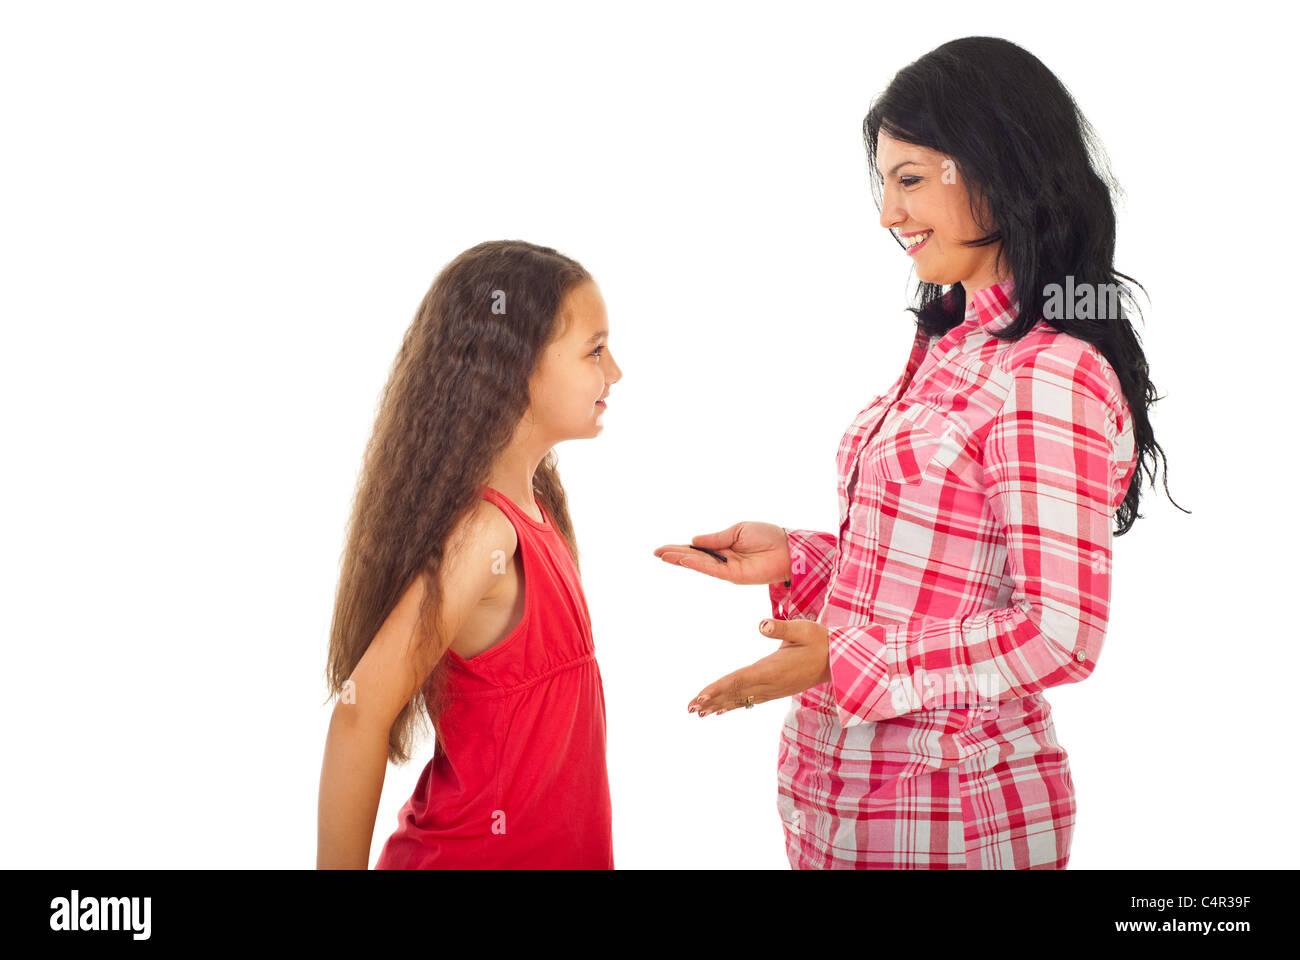 Felice madre avente la conversazione con la figlia e dare consigli isolati su sfondo bianco Foto Stock